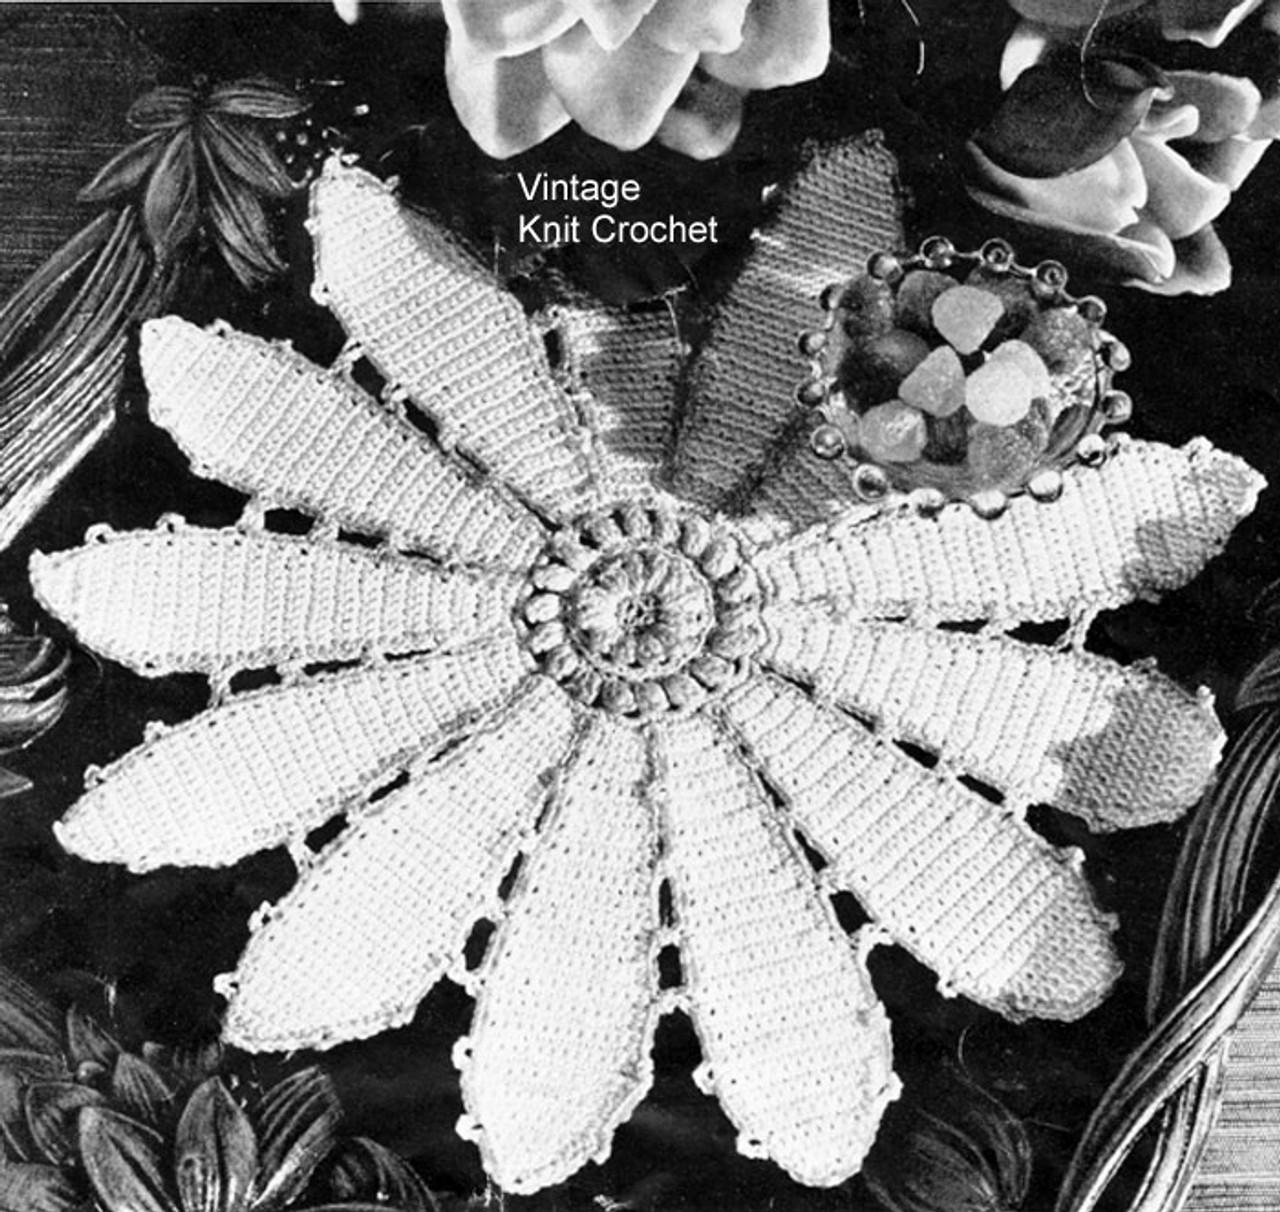 Pond Lily Crochet Doily Pattern